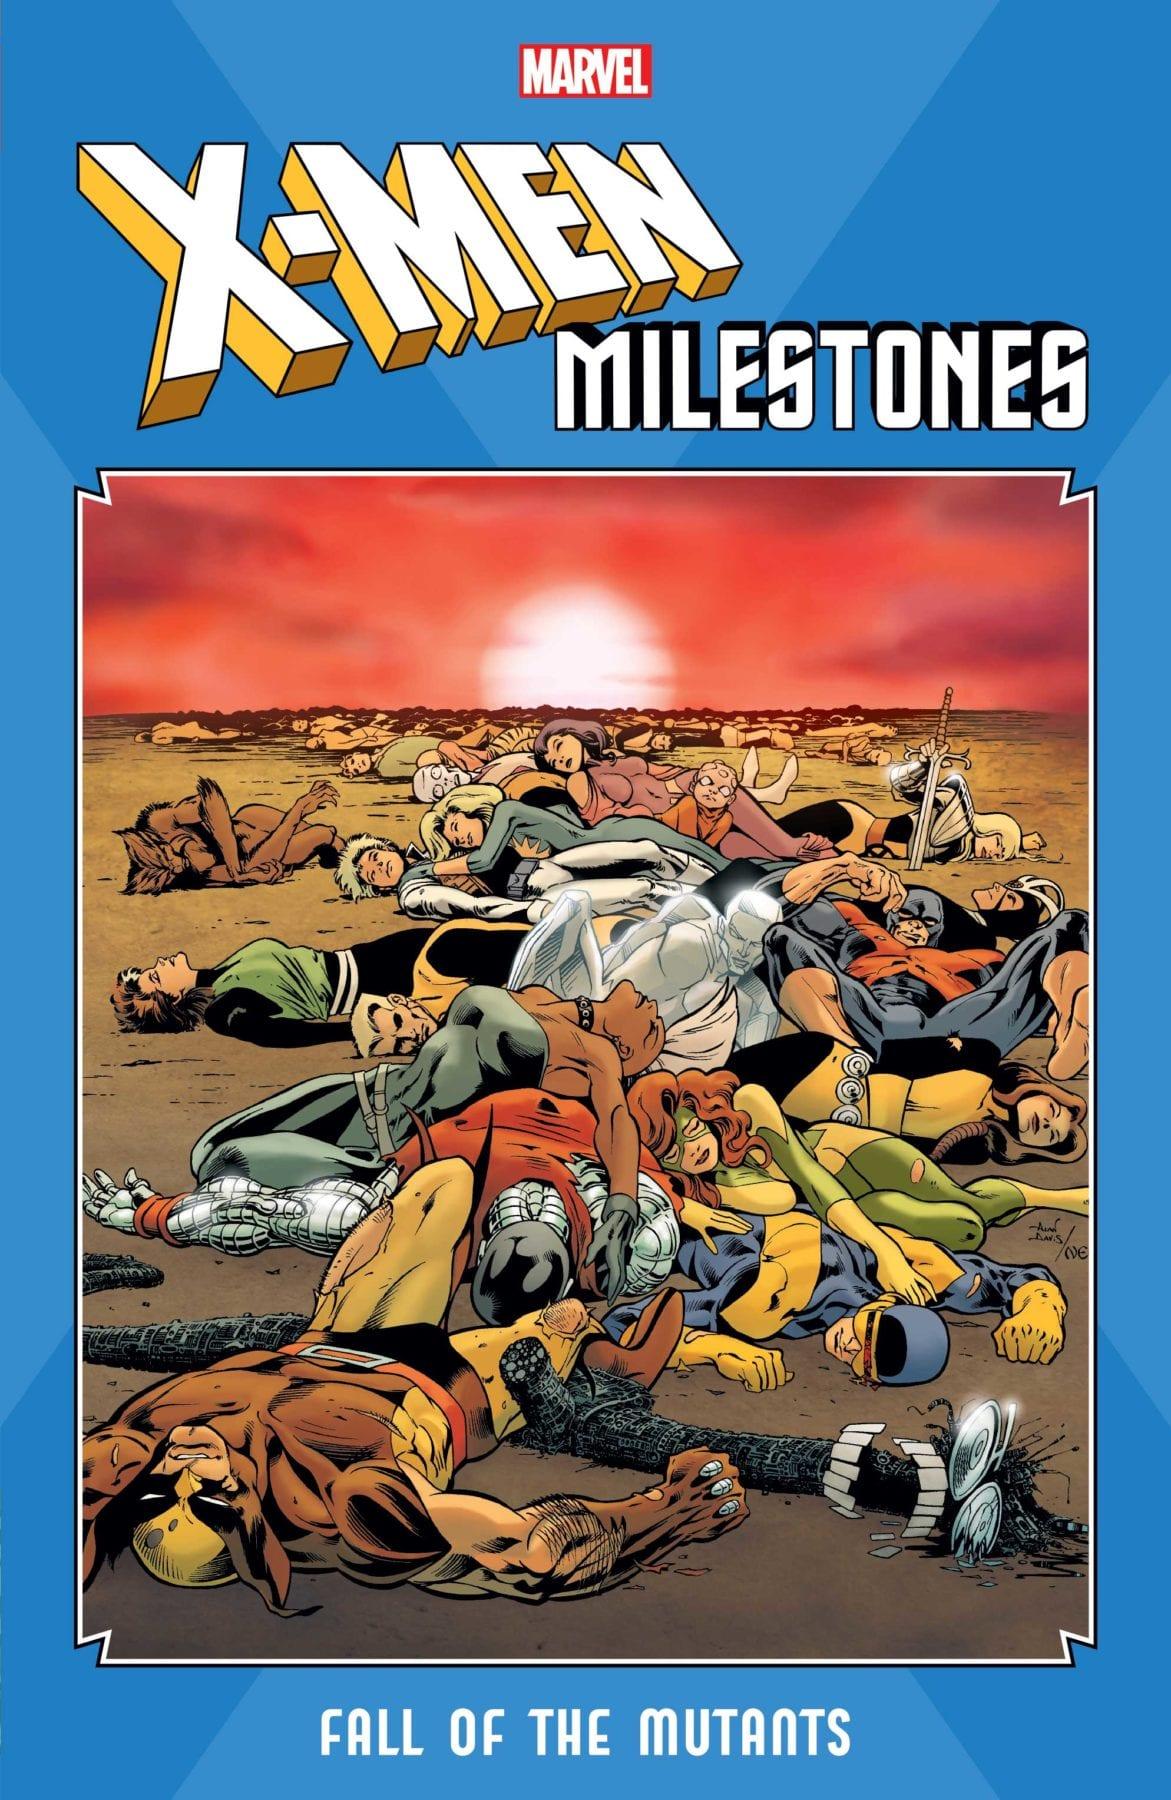 Marvel anuncia la colección X-Men Milestones